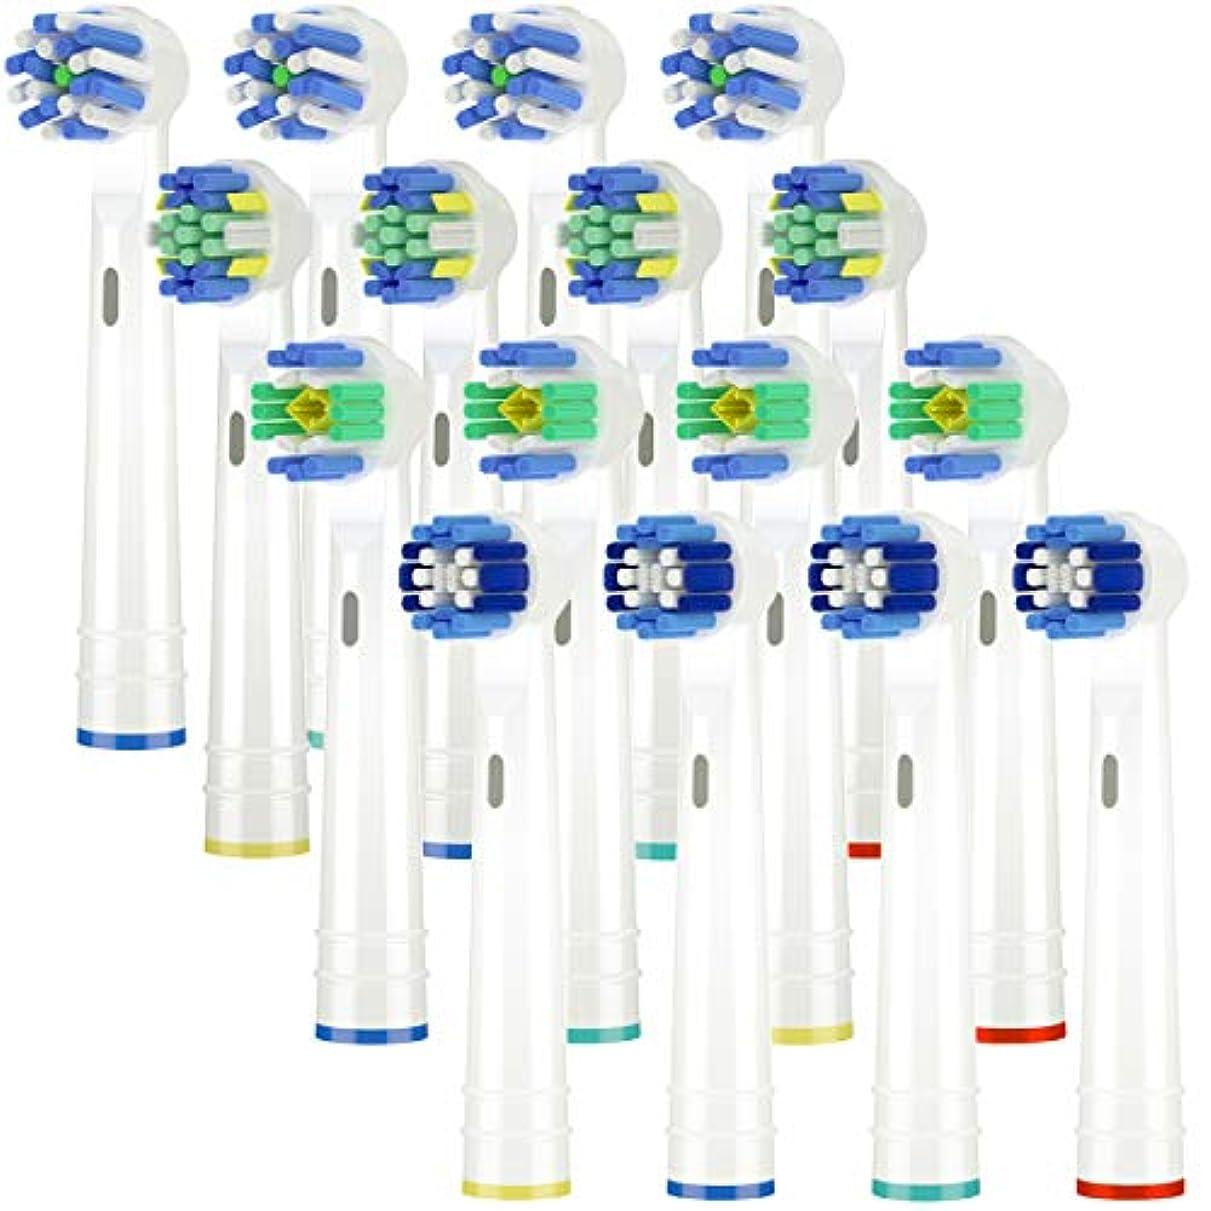 ピクニックをするジャンクション名詞Itechnik 電動歯ブラシ 替えブラシ ブラウン オーラルB 対応 替えブラシ 4種類が入り:ホワイトニングブラシ 、ベーシックブラシ、歯間ワイパー付きブラシ、マルチアクションブラシ 凡用な16本